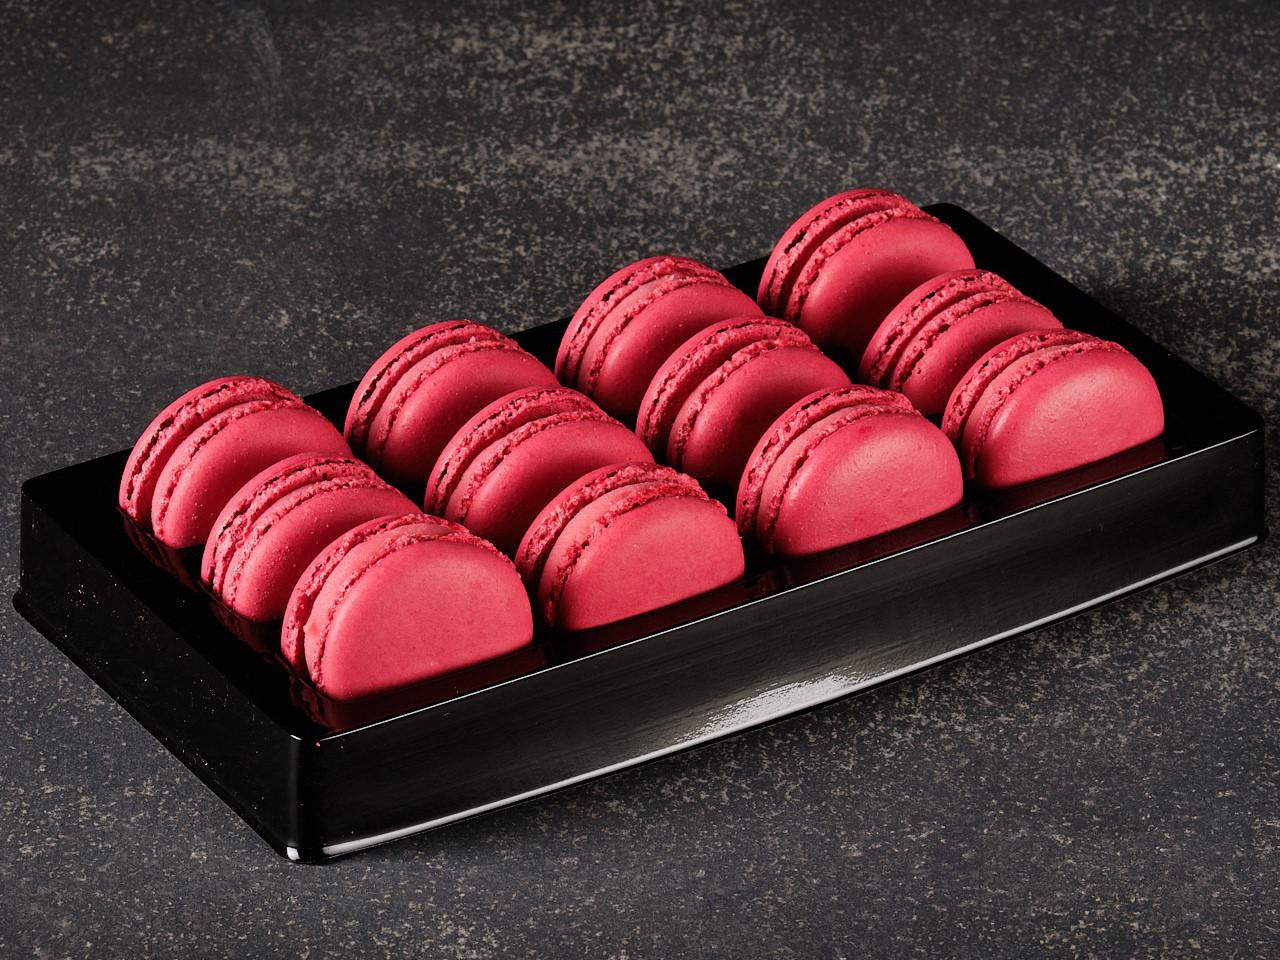 Red skin macarons